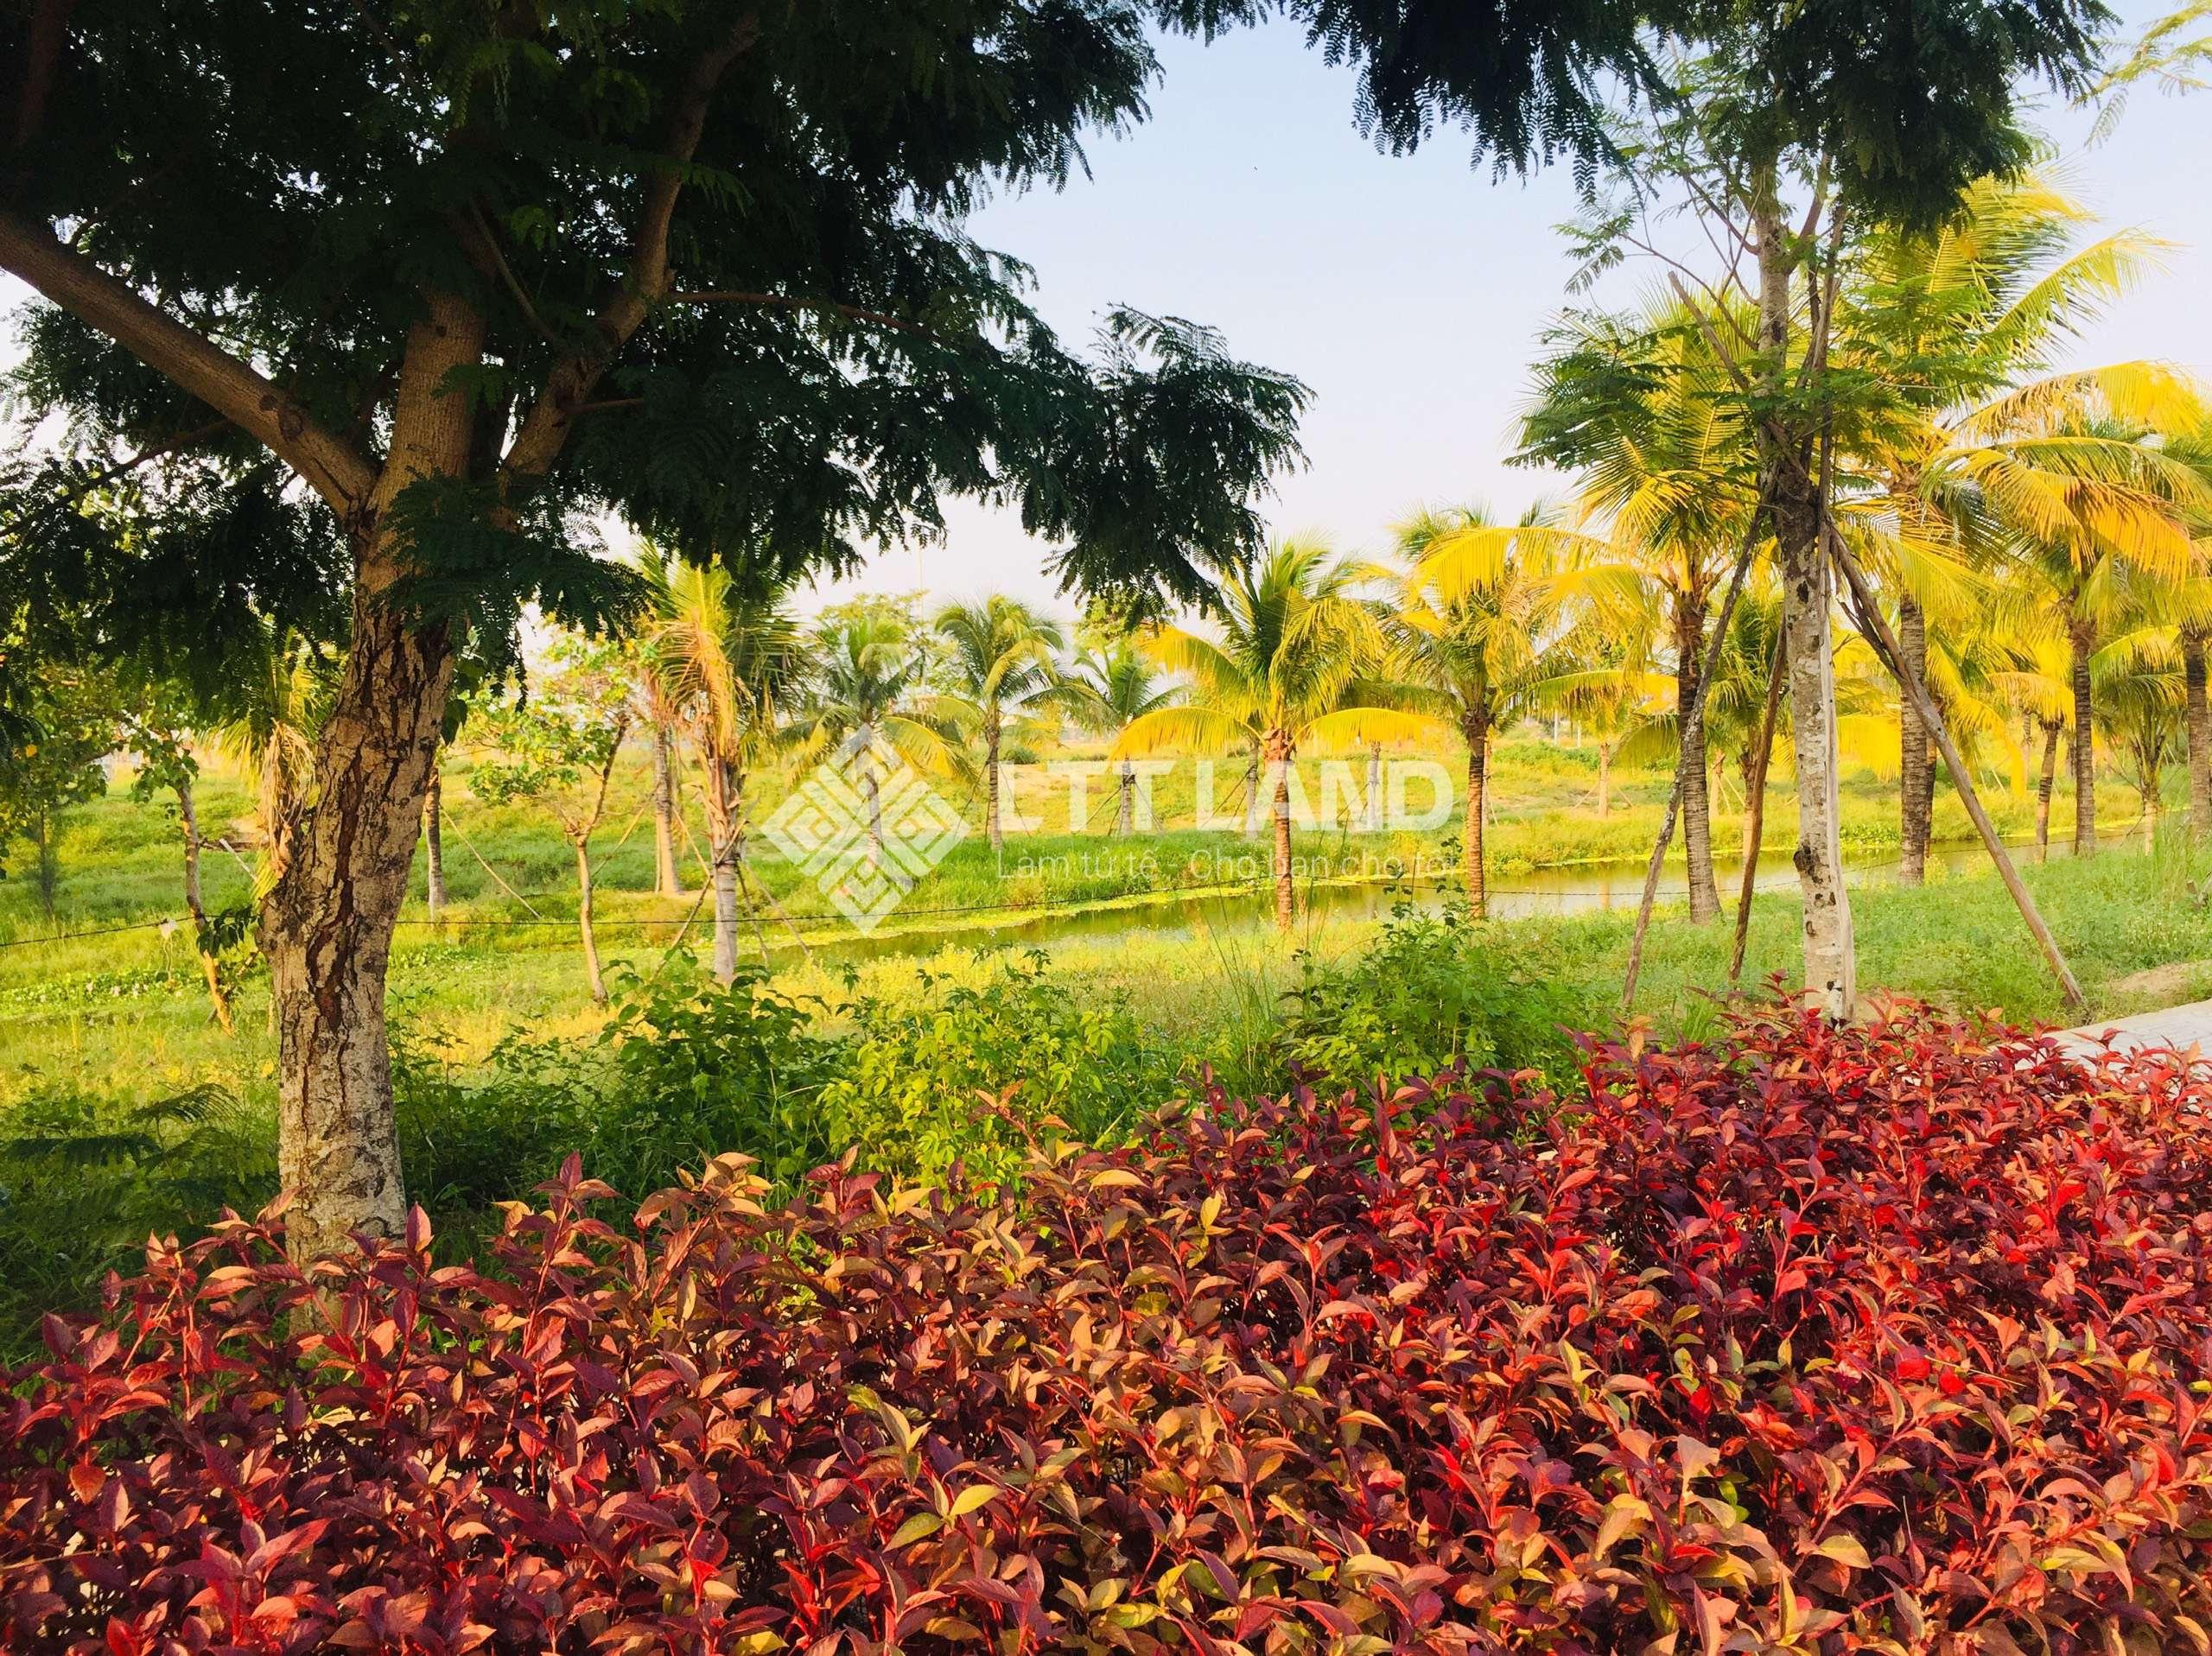 Đất nền 144m2 FPT City Đà Nẵng